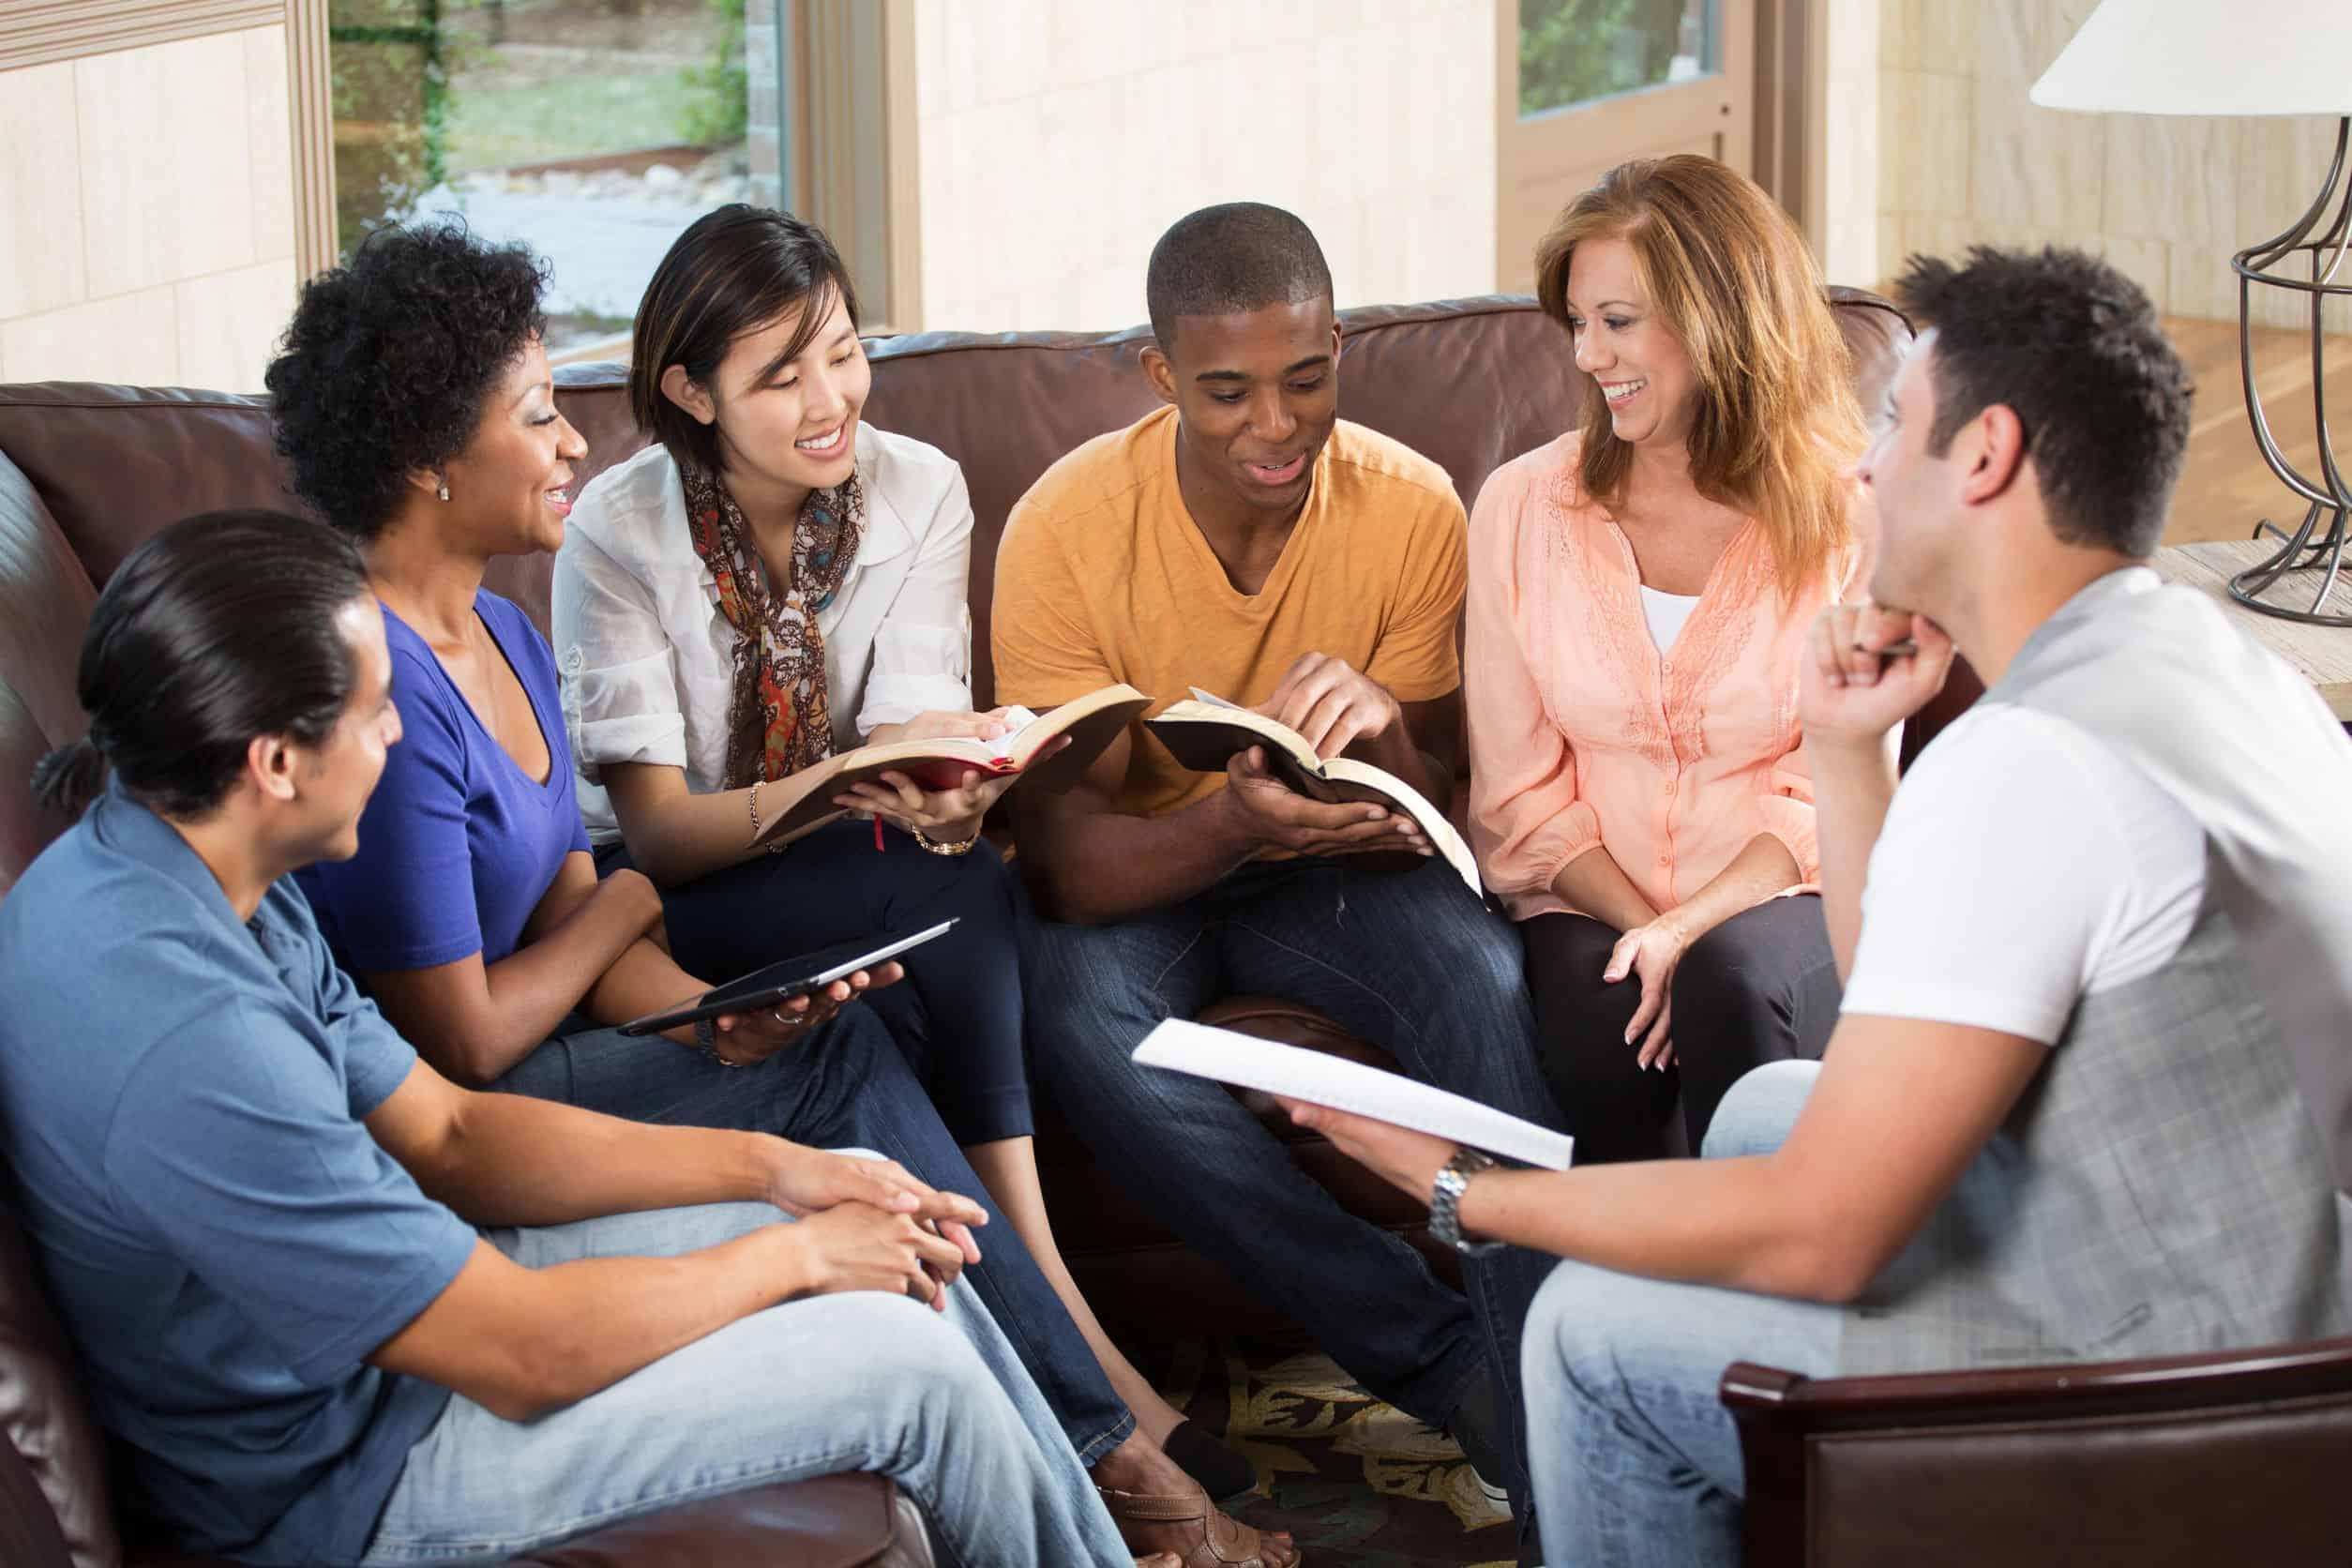 Imagem com vários jovens reunidos, com livros nas mãos e sorrindo.